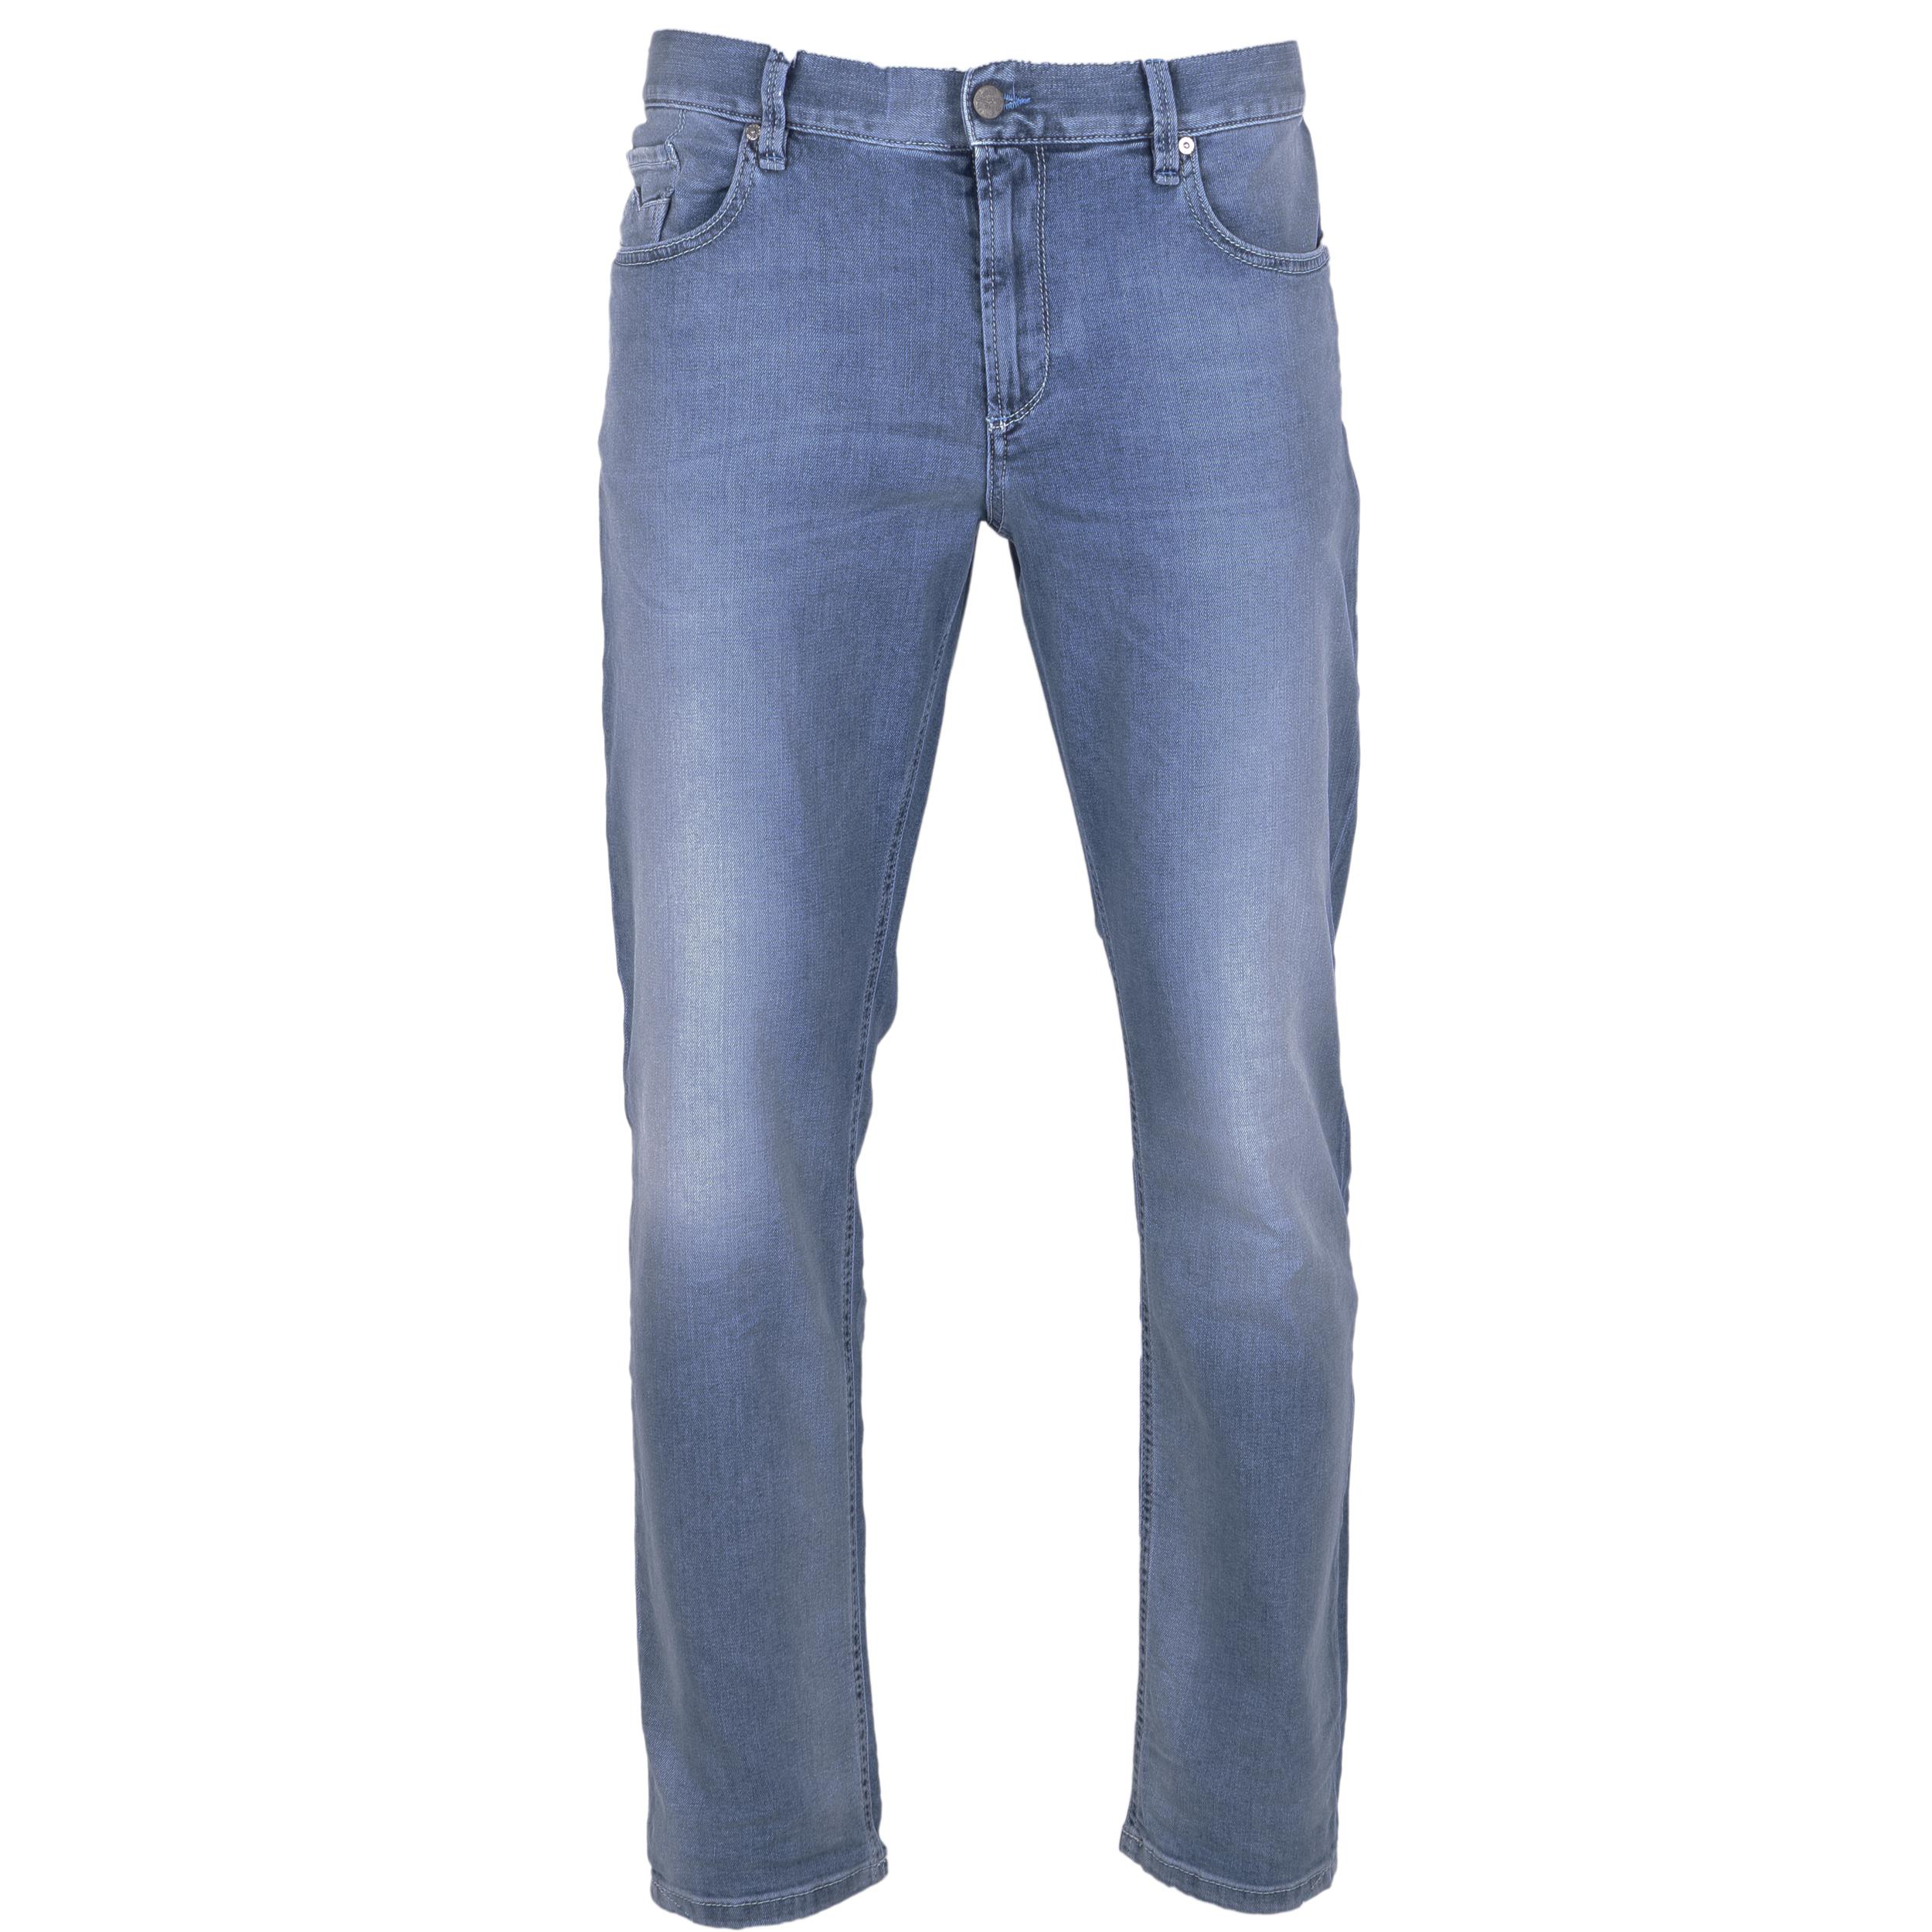 Alberto Herren Jeans Slipe Vintage - hellblau 32/34